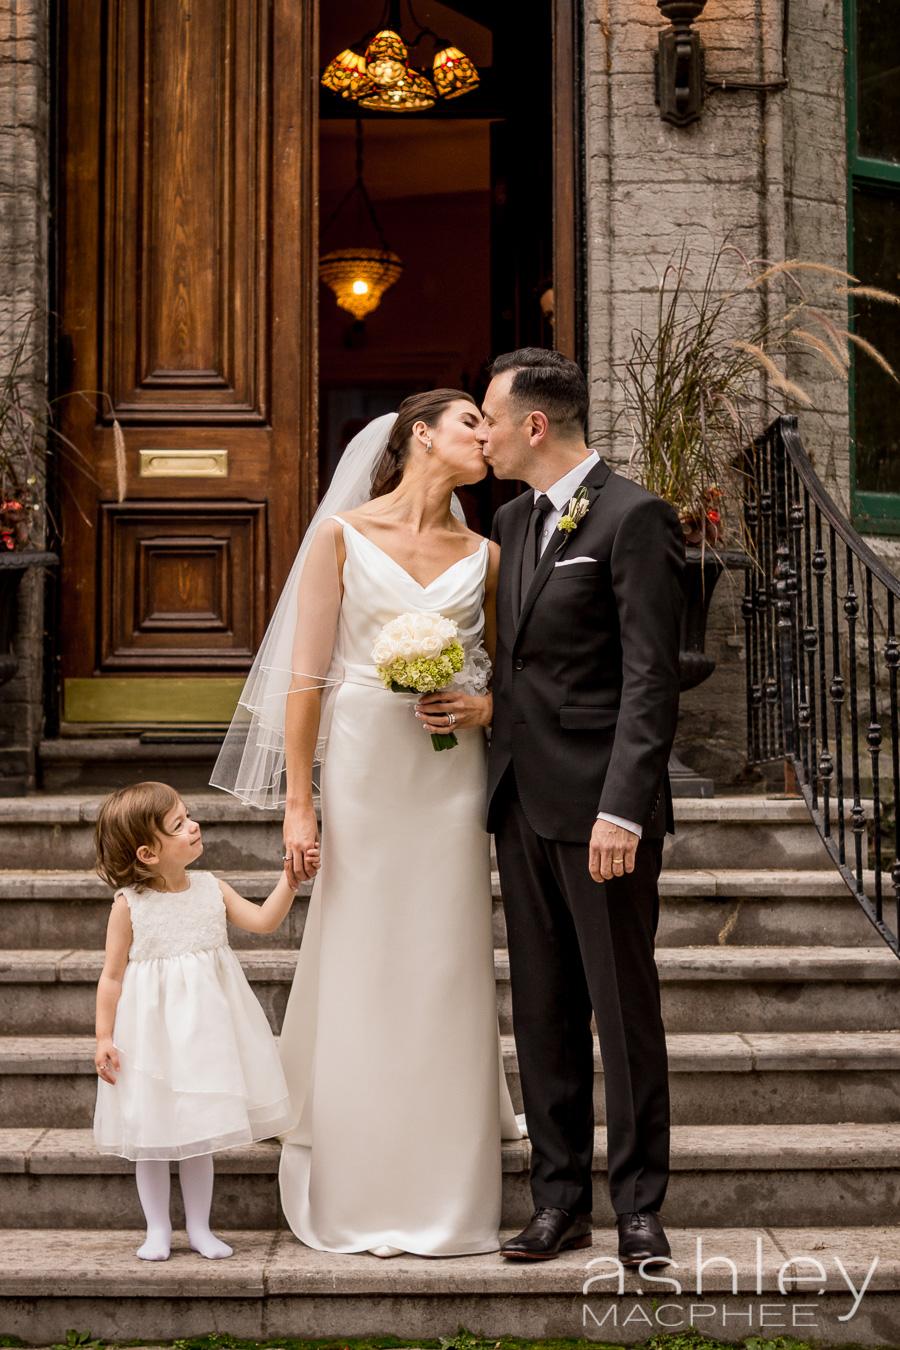 Ashley MacPhee Photography Montreal Wedding (4 of 11).jpg